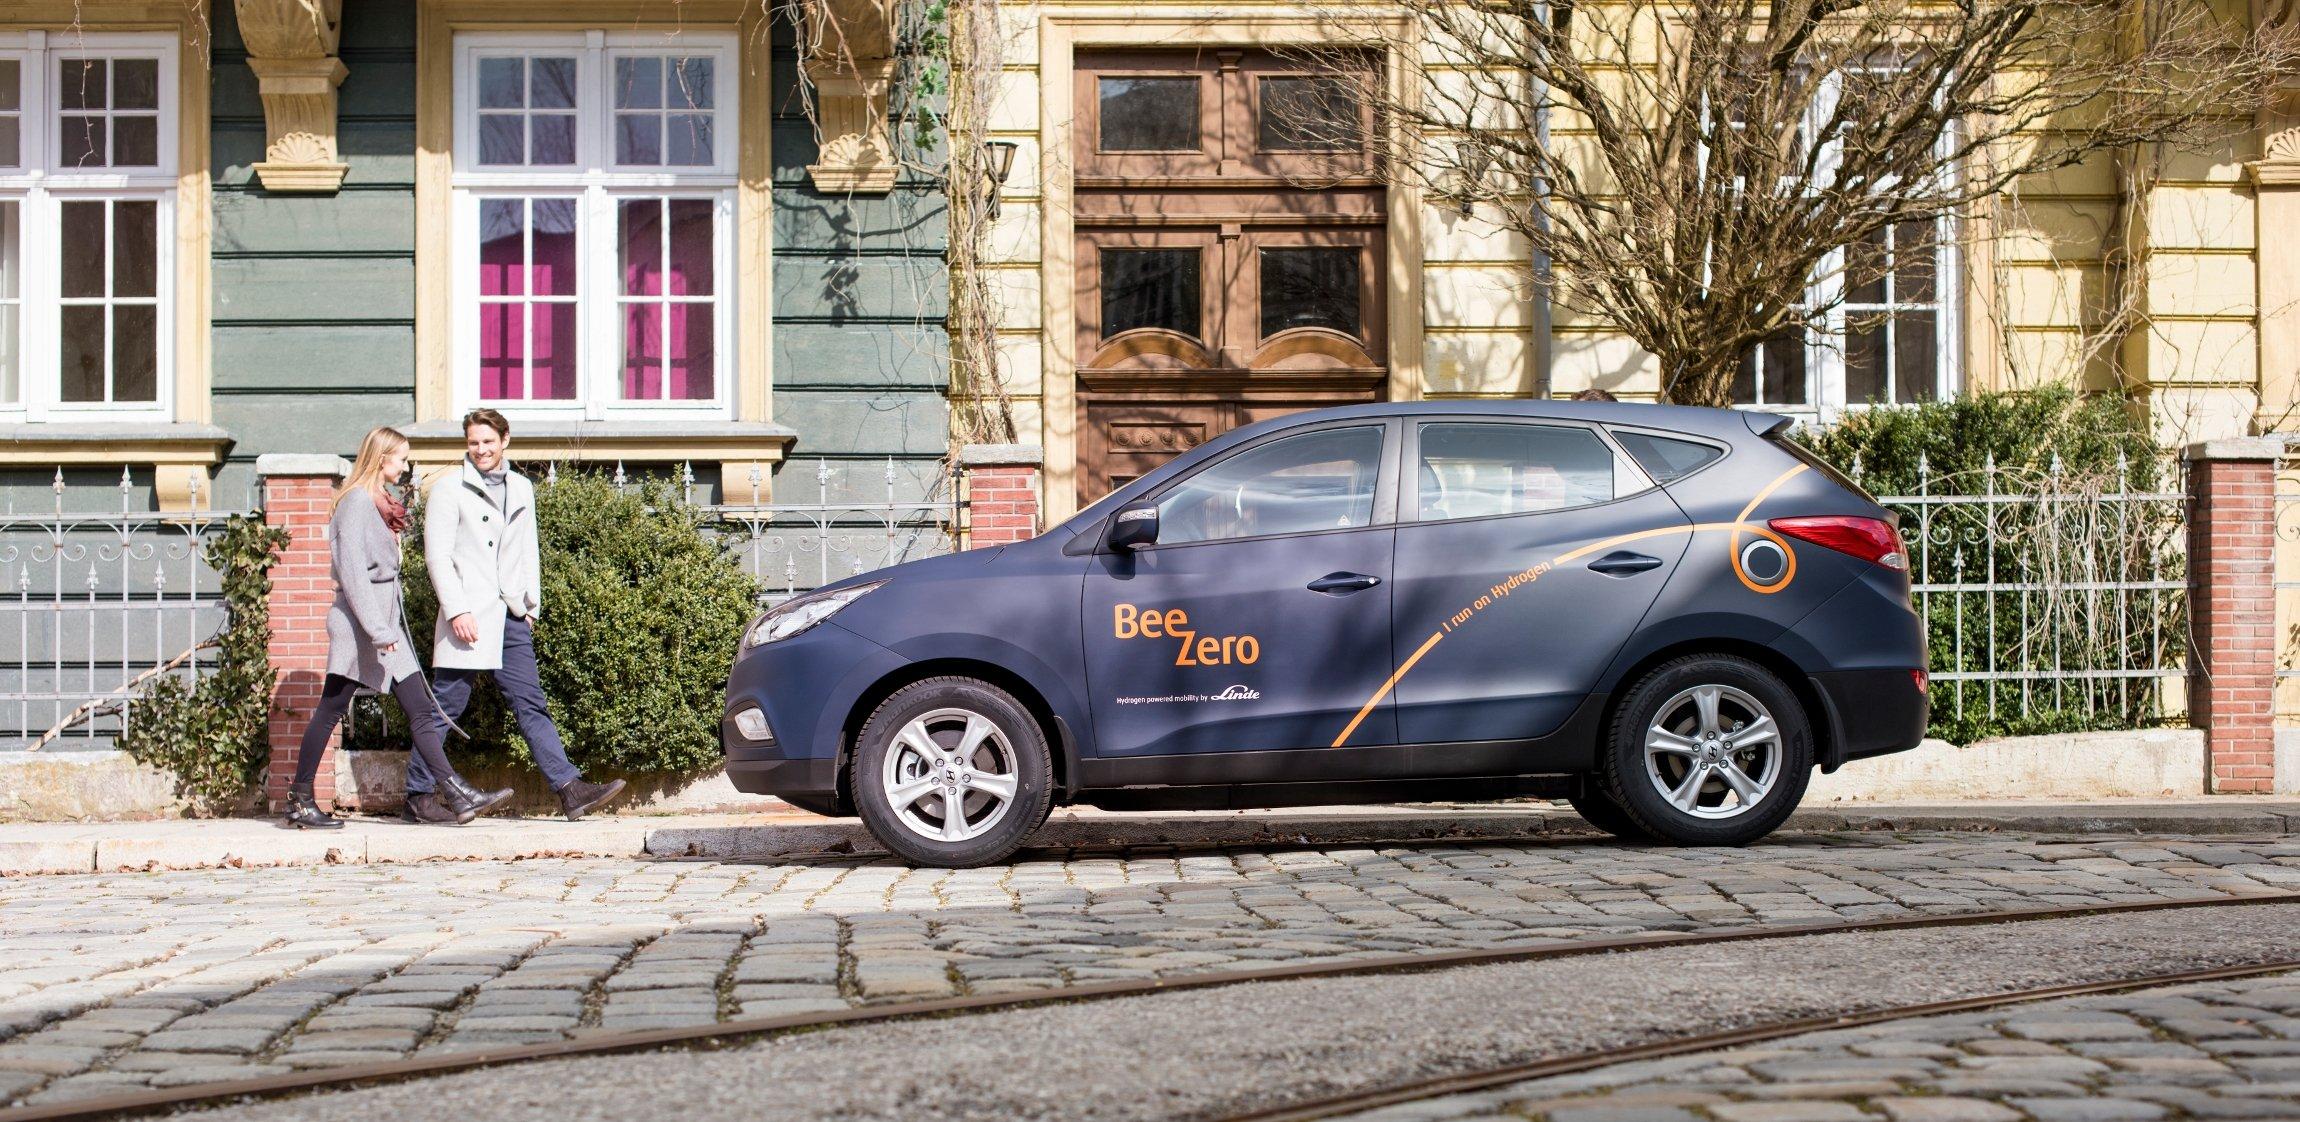 50 Hyundai-Modelle mit Wasserstoffantrieb will Linde ab Sommer in München im Rahmen eine Carsharing-Projektes auf die Straße bringen.